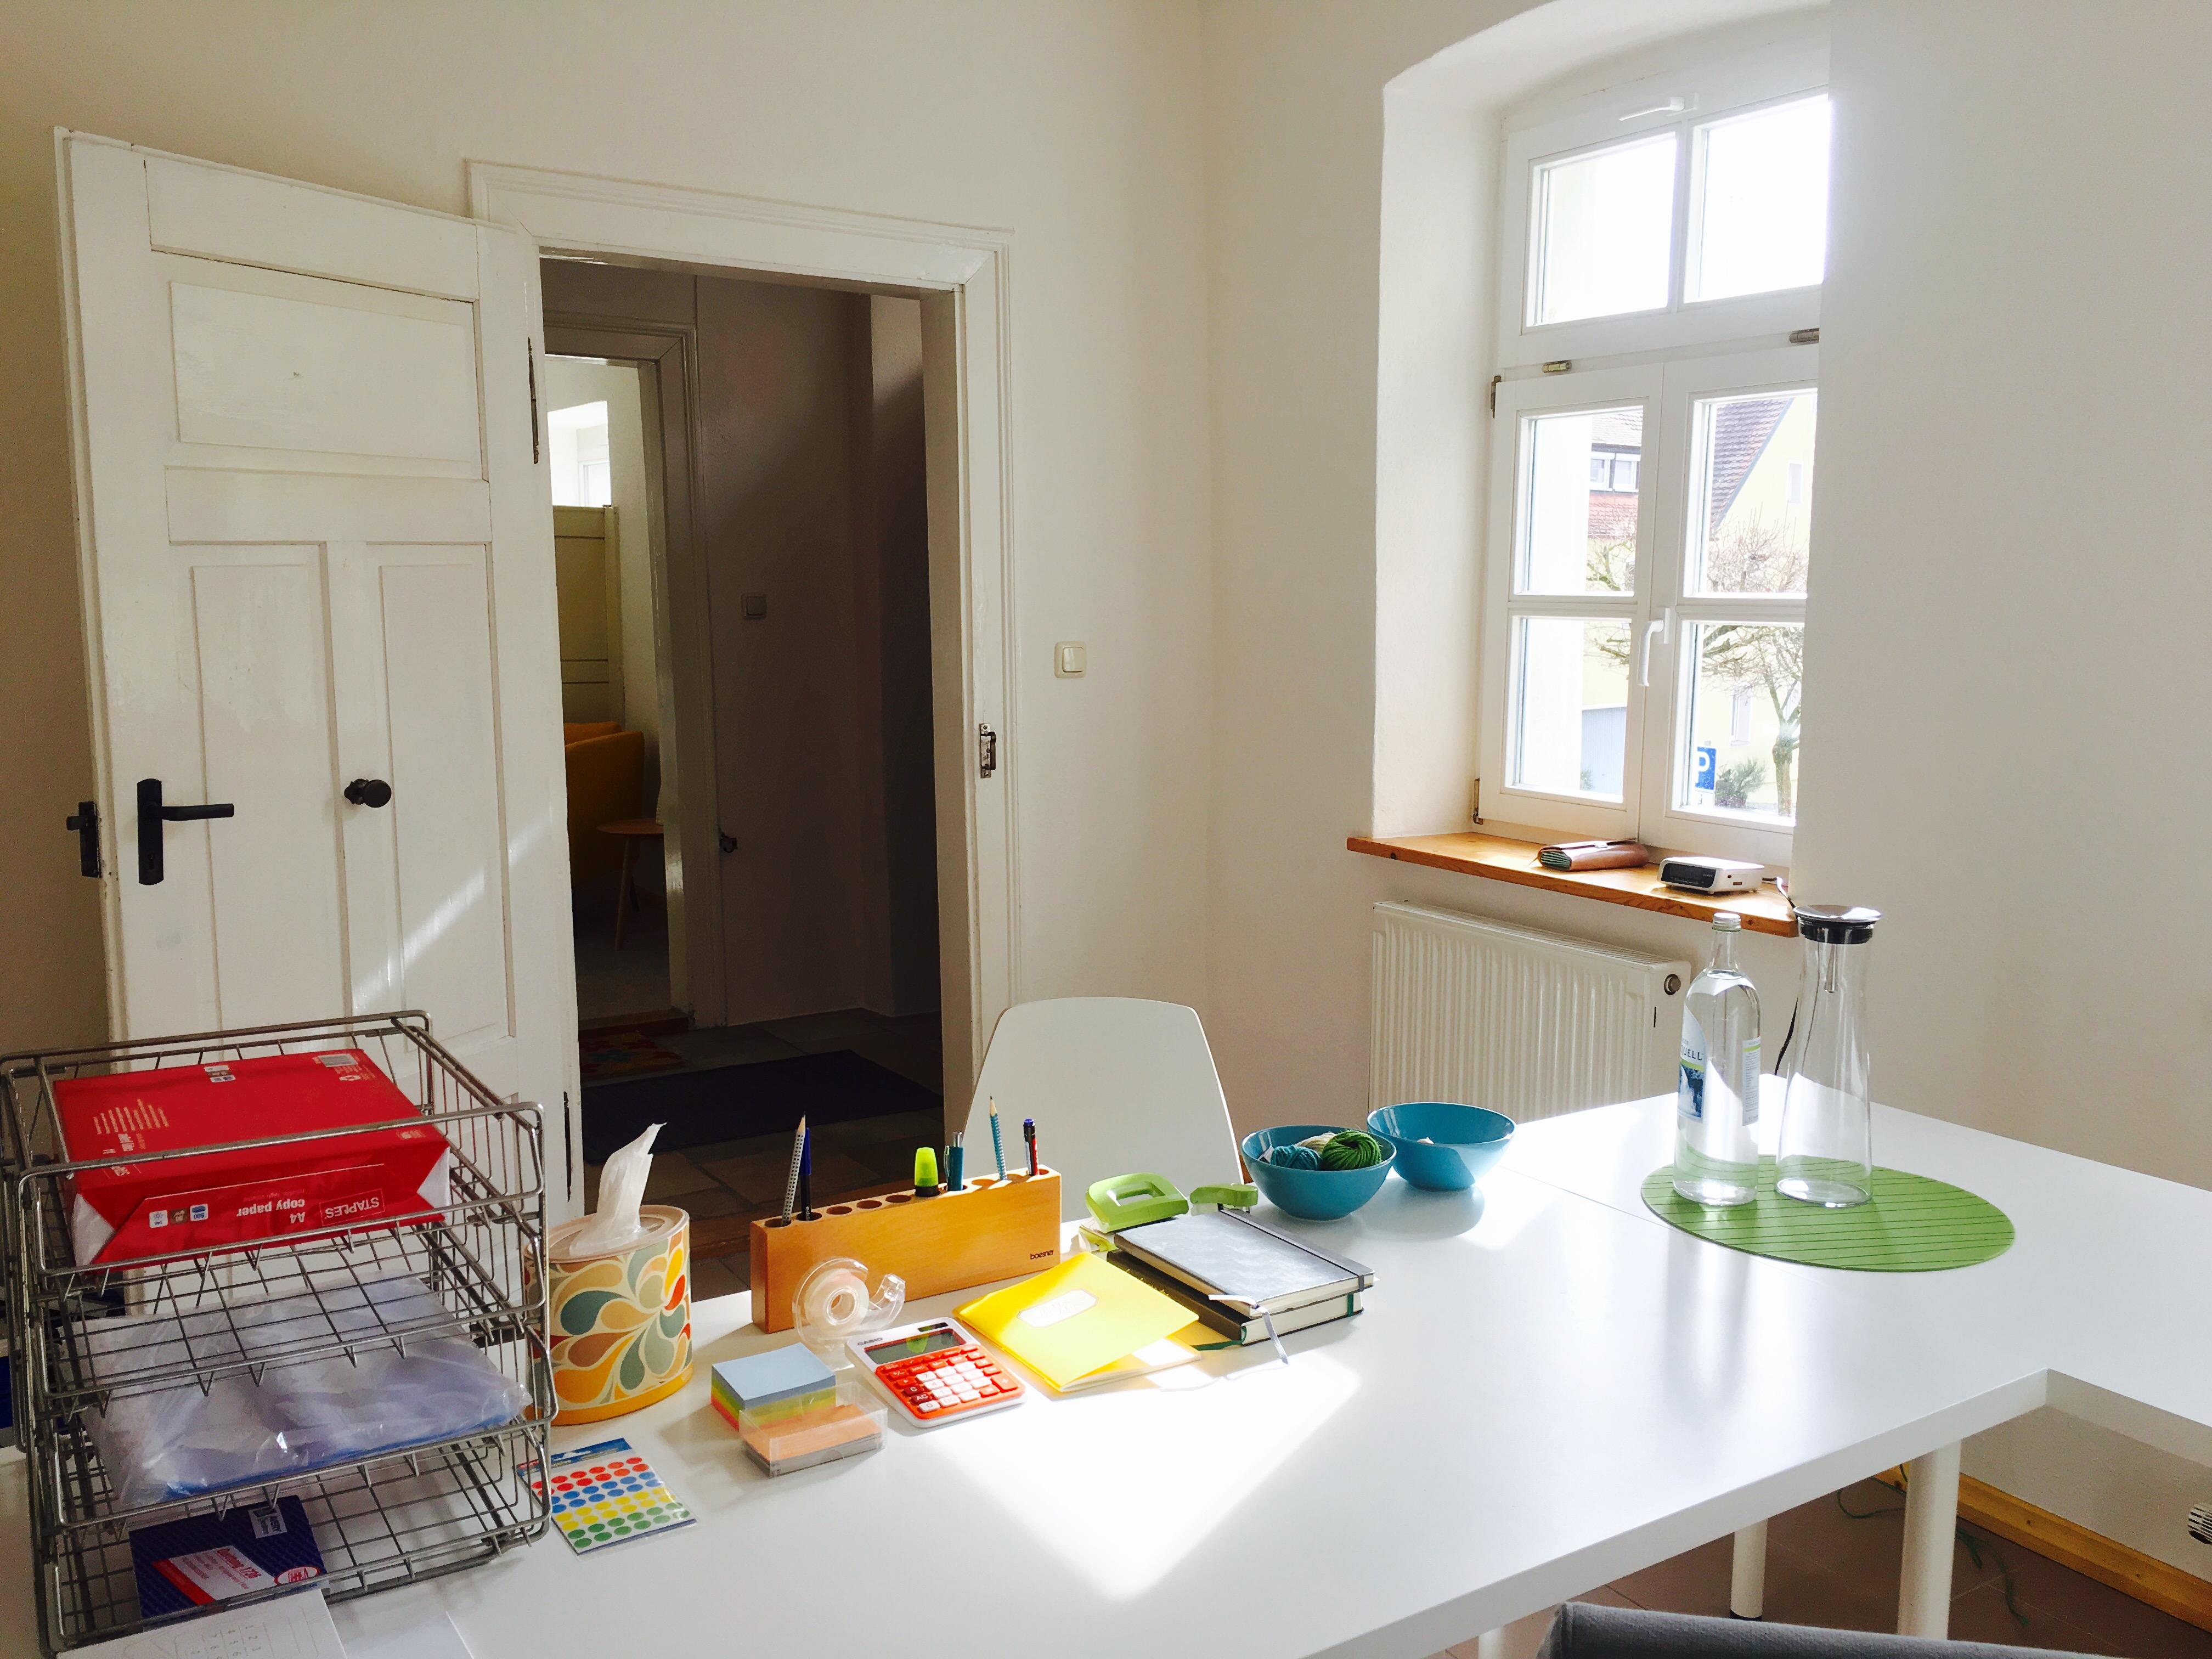 Fotoatelier-Gunzenhausen-Fotografie2